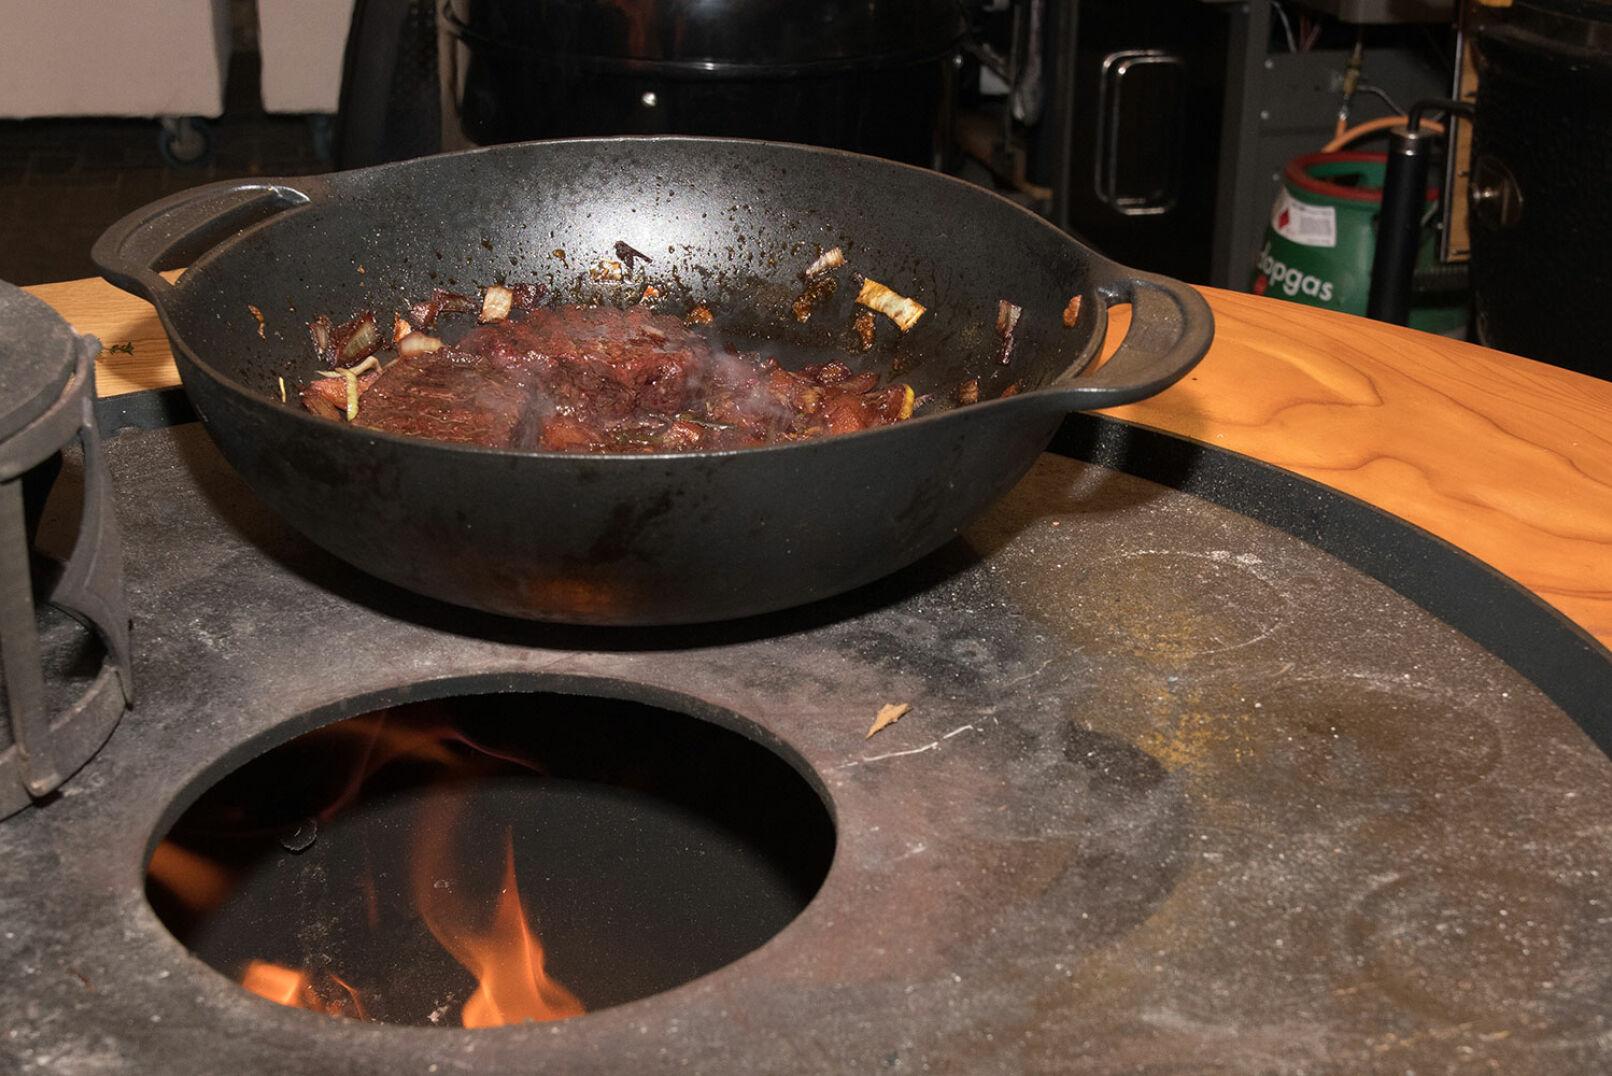 Steaks dem Wok entnehmen, aufschneiden und...  - © Martin Grasberger